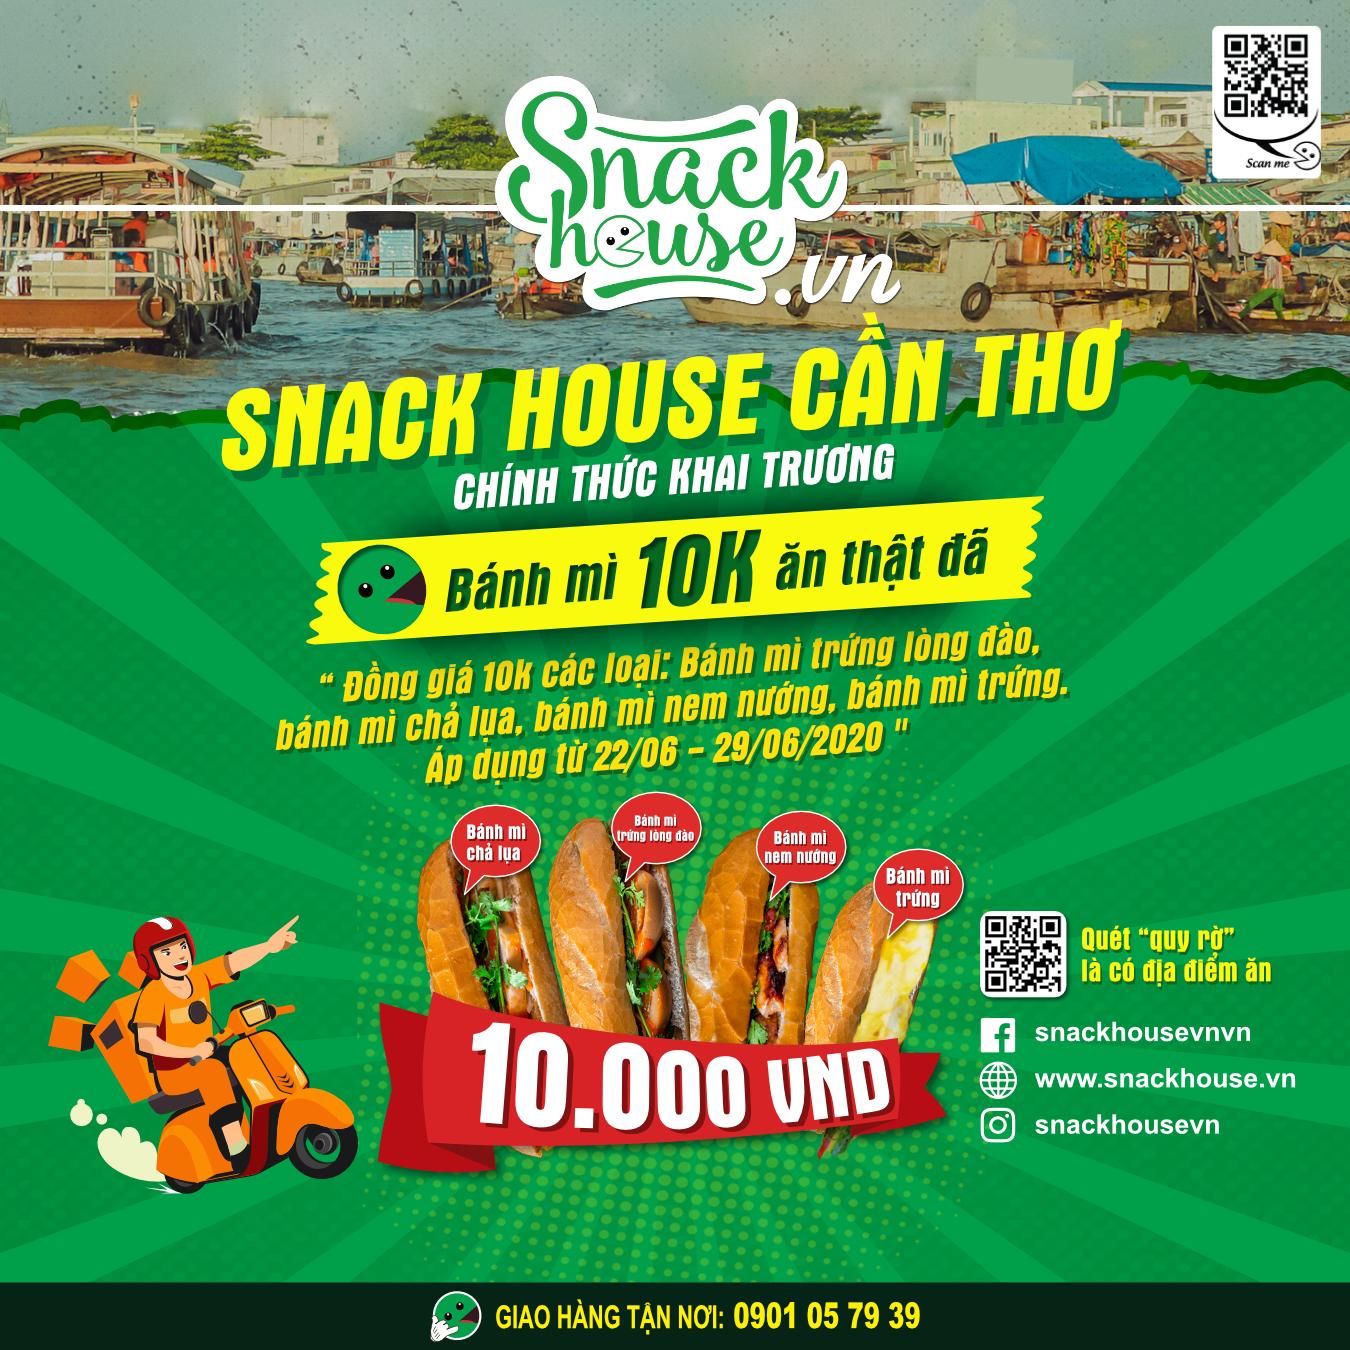 Snack House khai trương 2 chi nhánh đầu tiên tại Cần Thơ